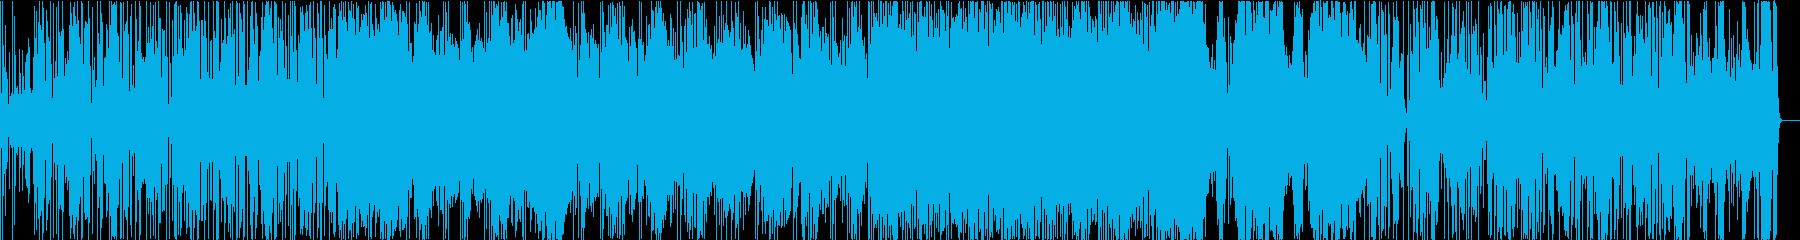 ジャズ・ファンクテイストのギターインストの再生済みの波形